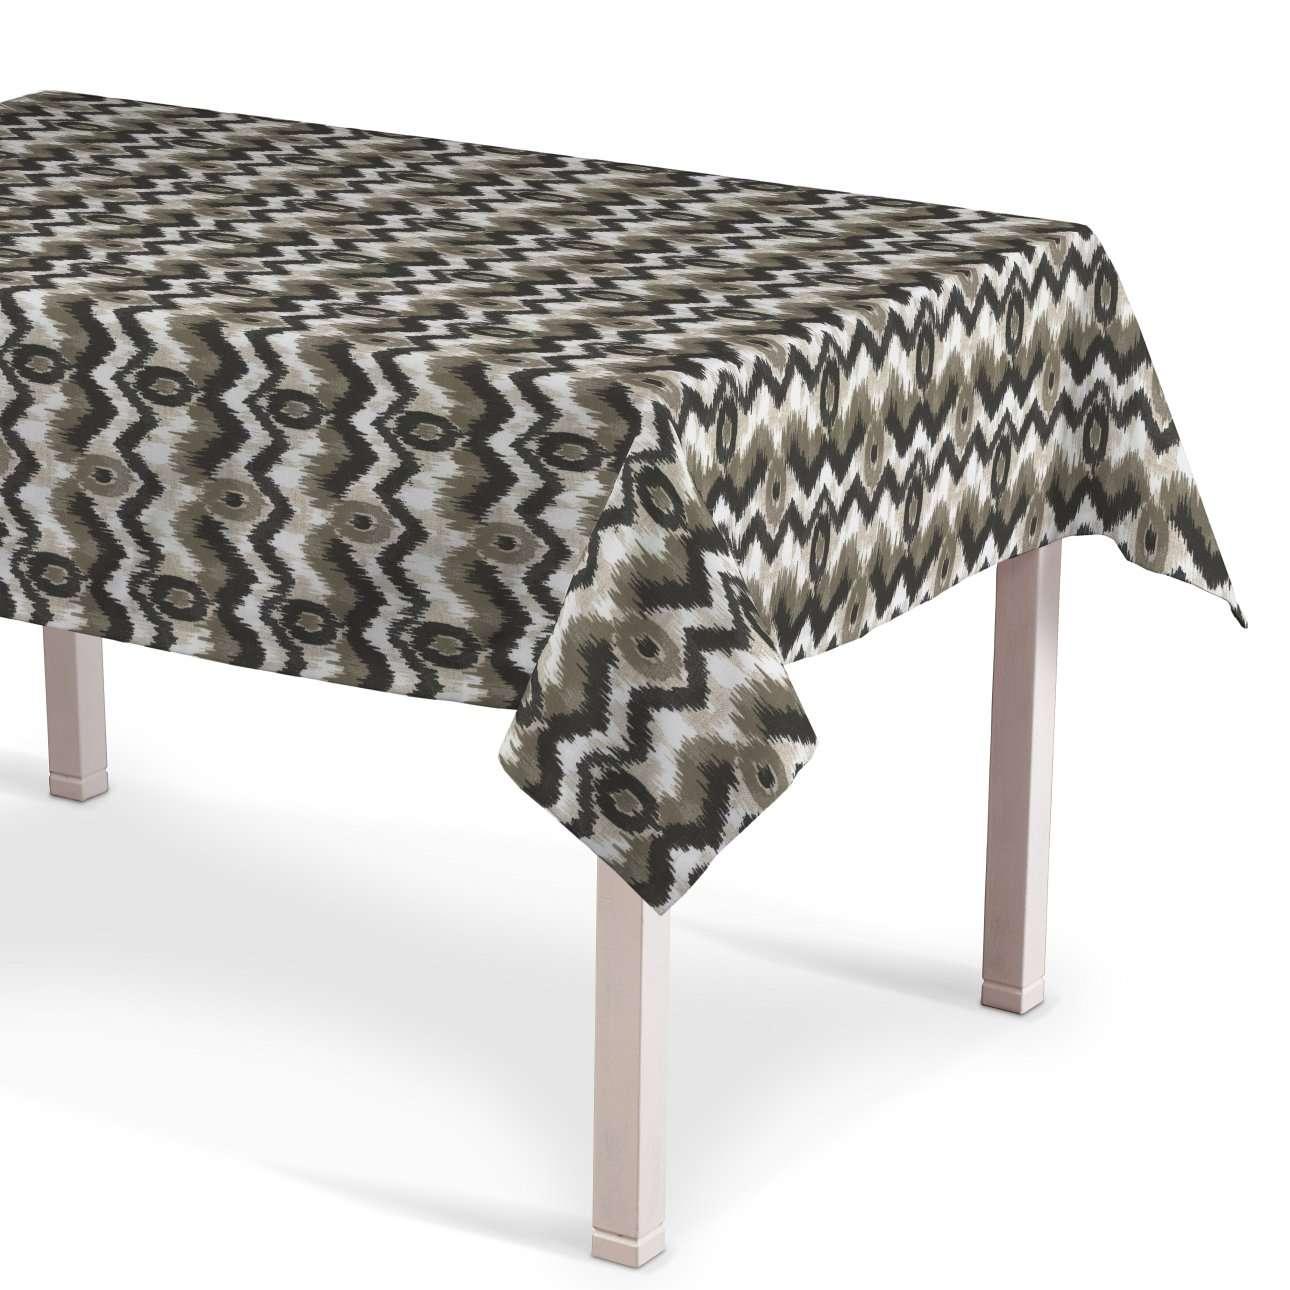 Rektangulære borddug fra kollektionen Modern, Stof: 141-88